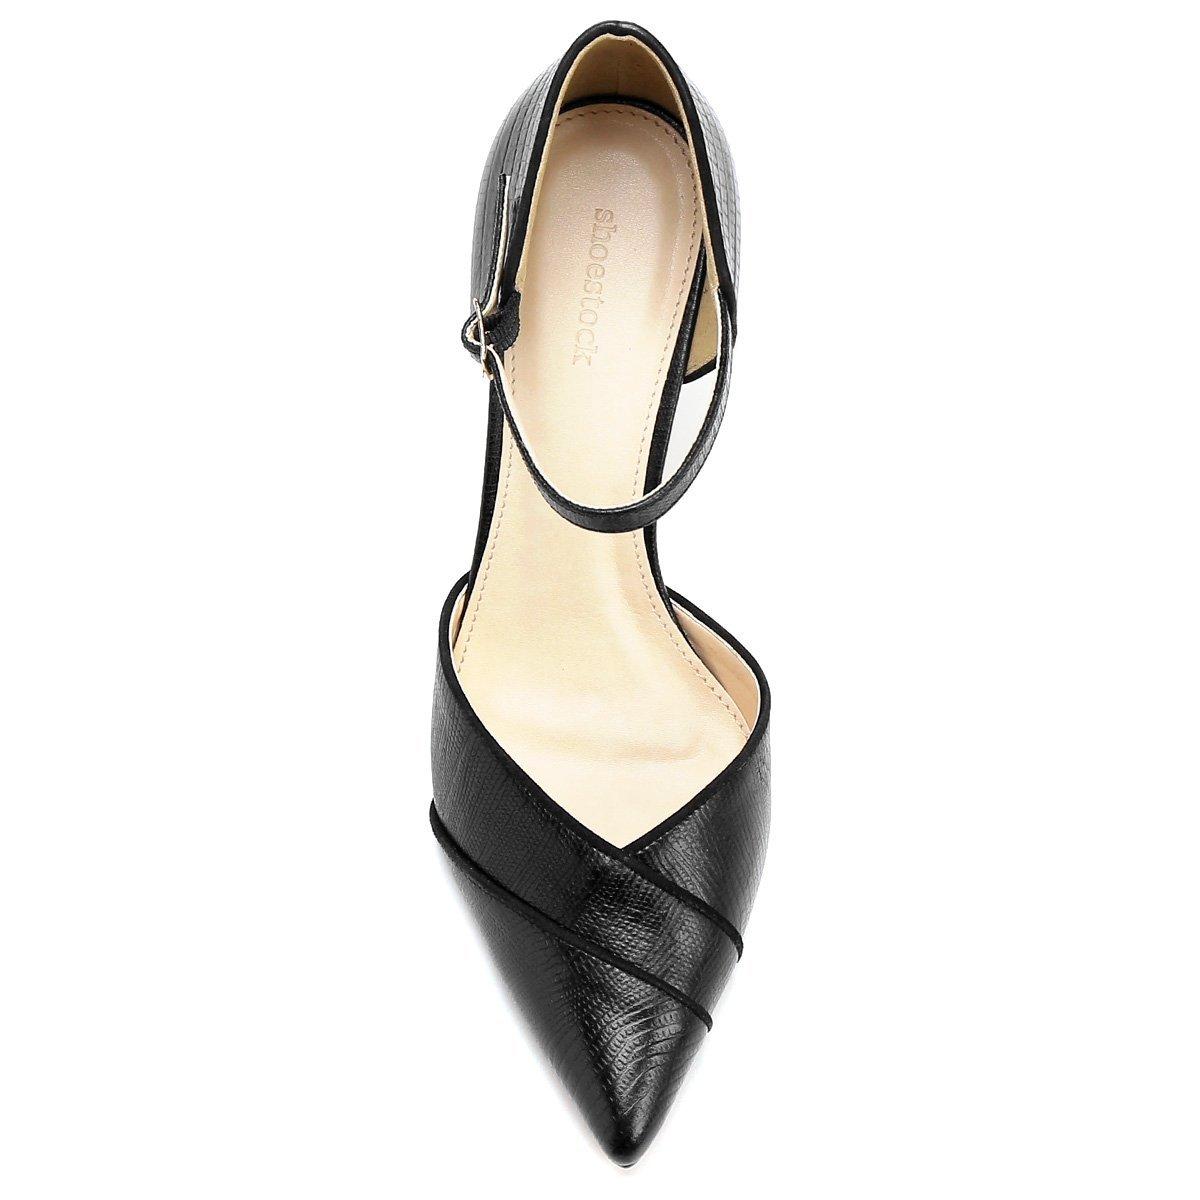 Couro Salto Lizard Alto Aberto Preto Shoestock Bico Scarpin Semi Fino qvxdBEBScg